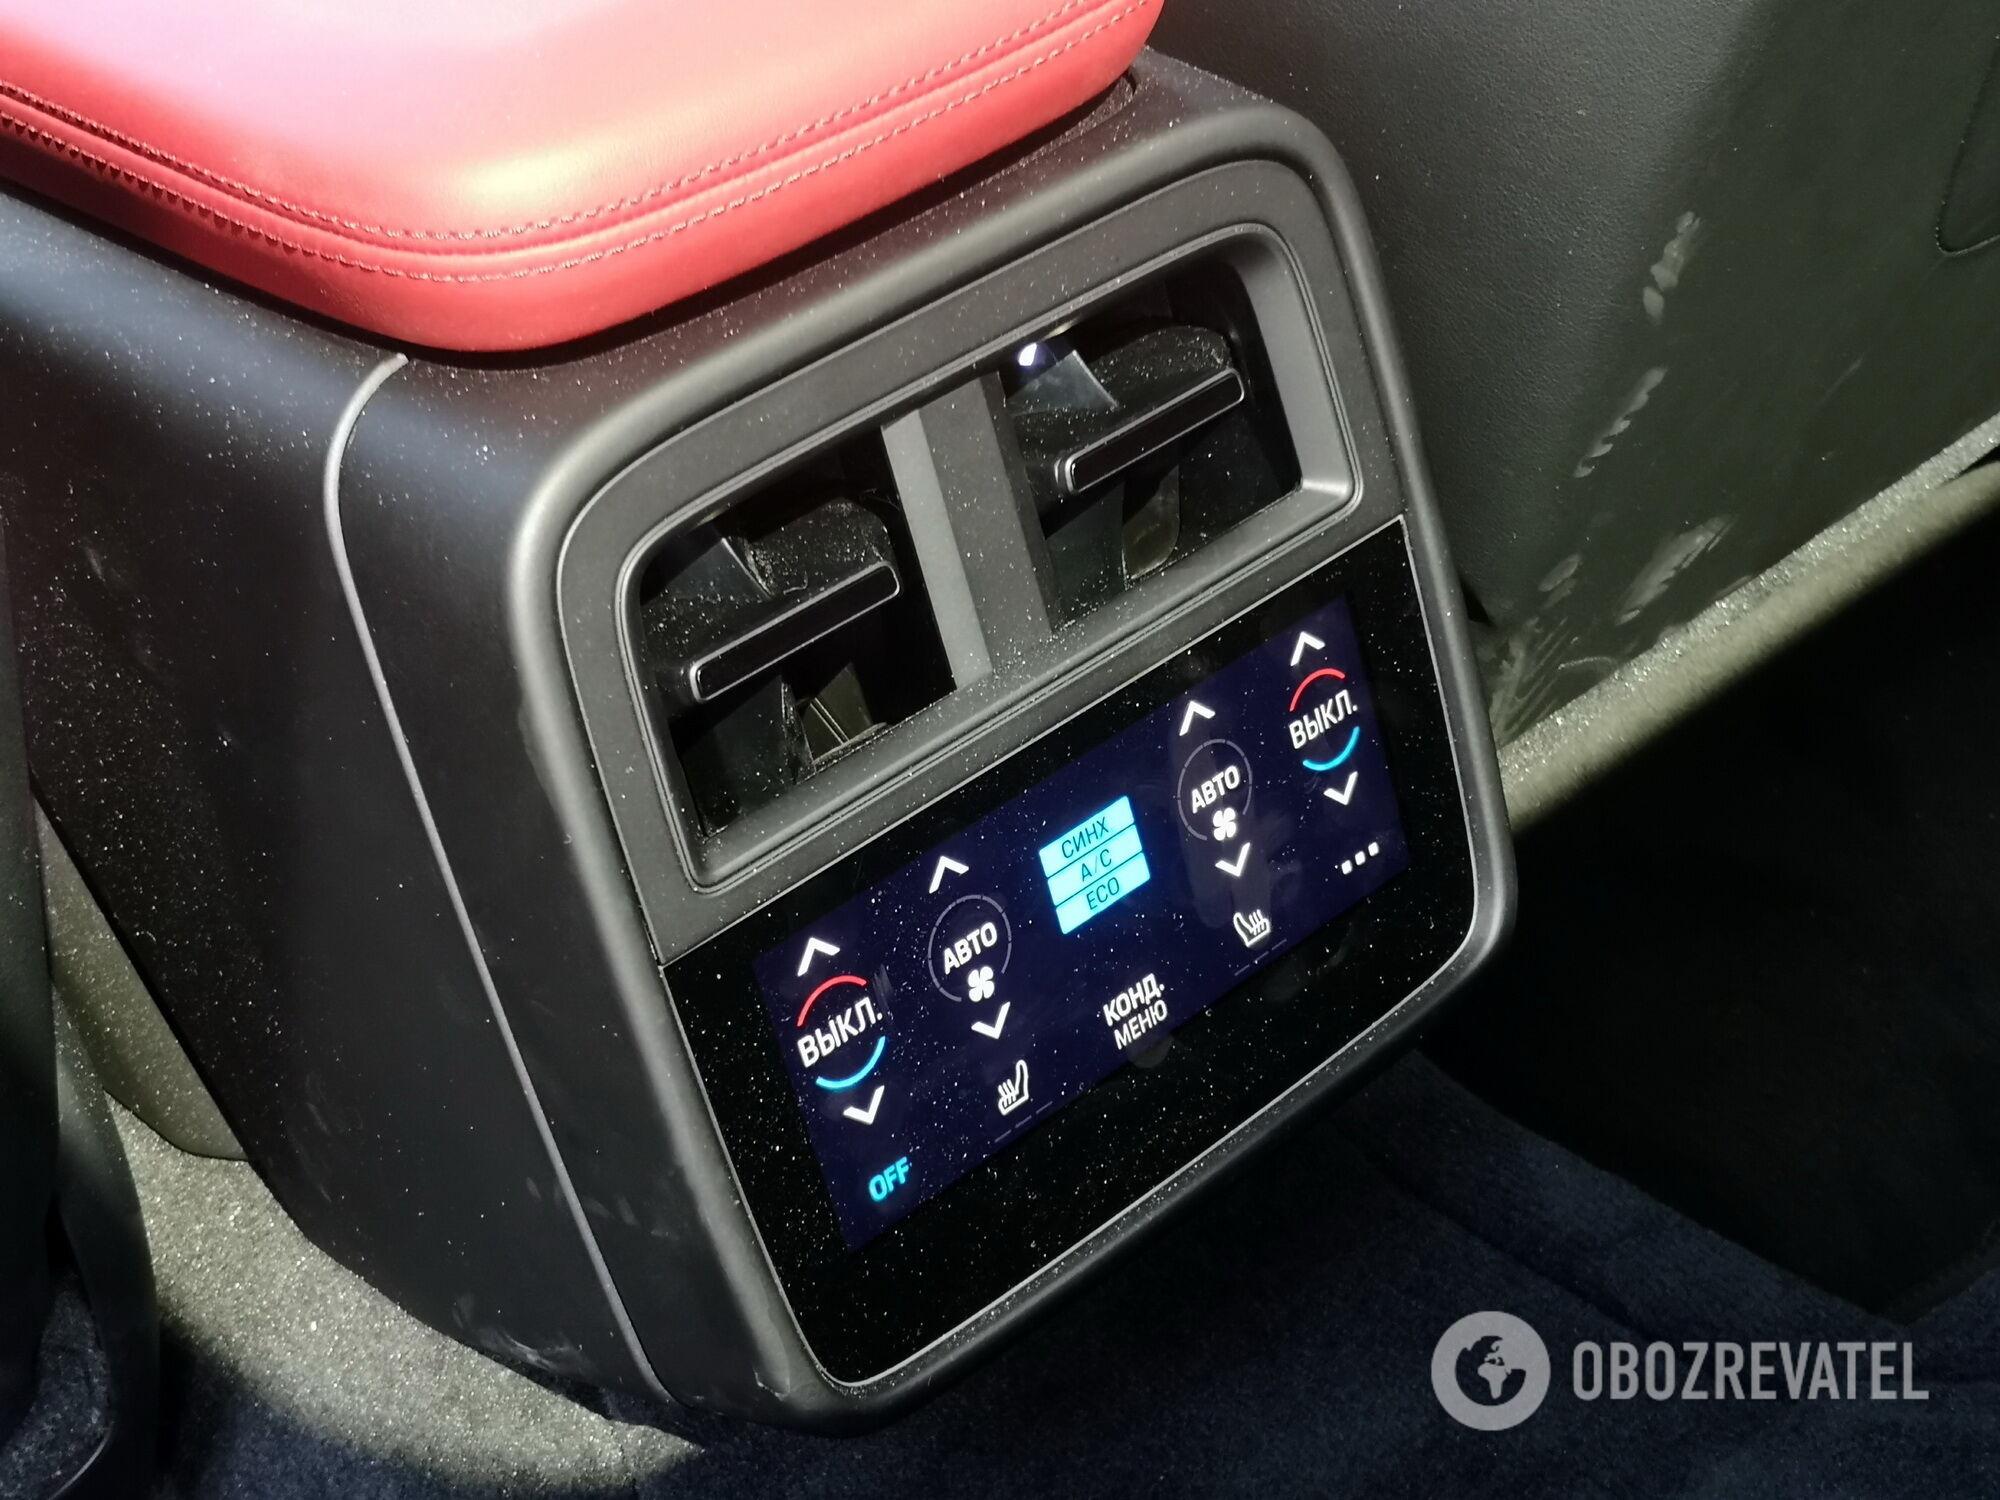 У задних пассажиров есть собственный сенсорный 5,9-дюймовый экран для регулировки климата и включения подогрева сидений